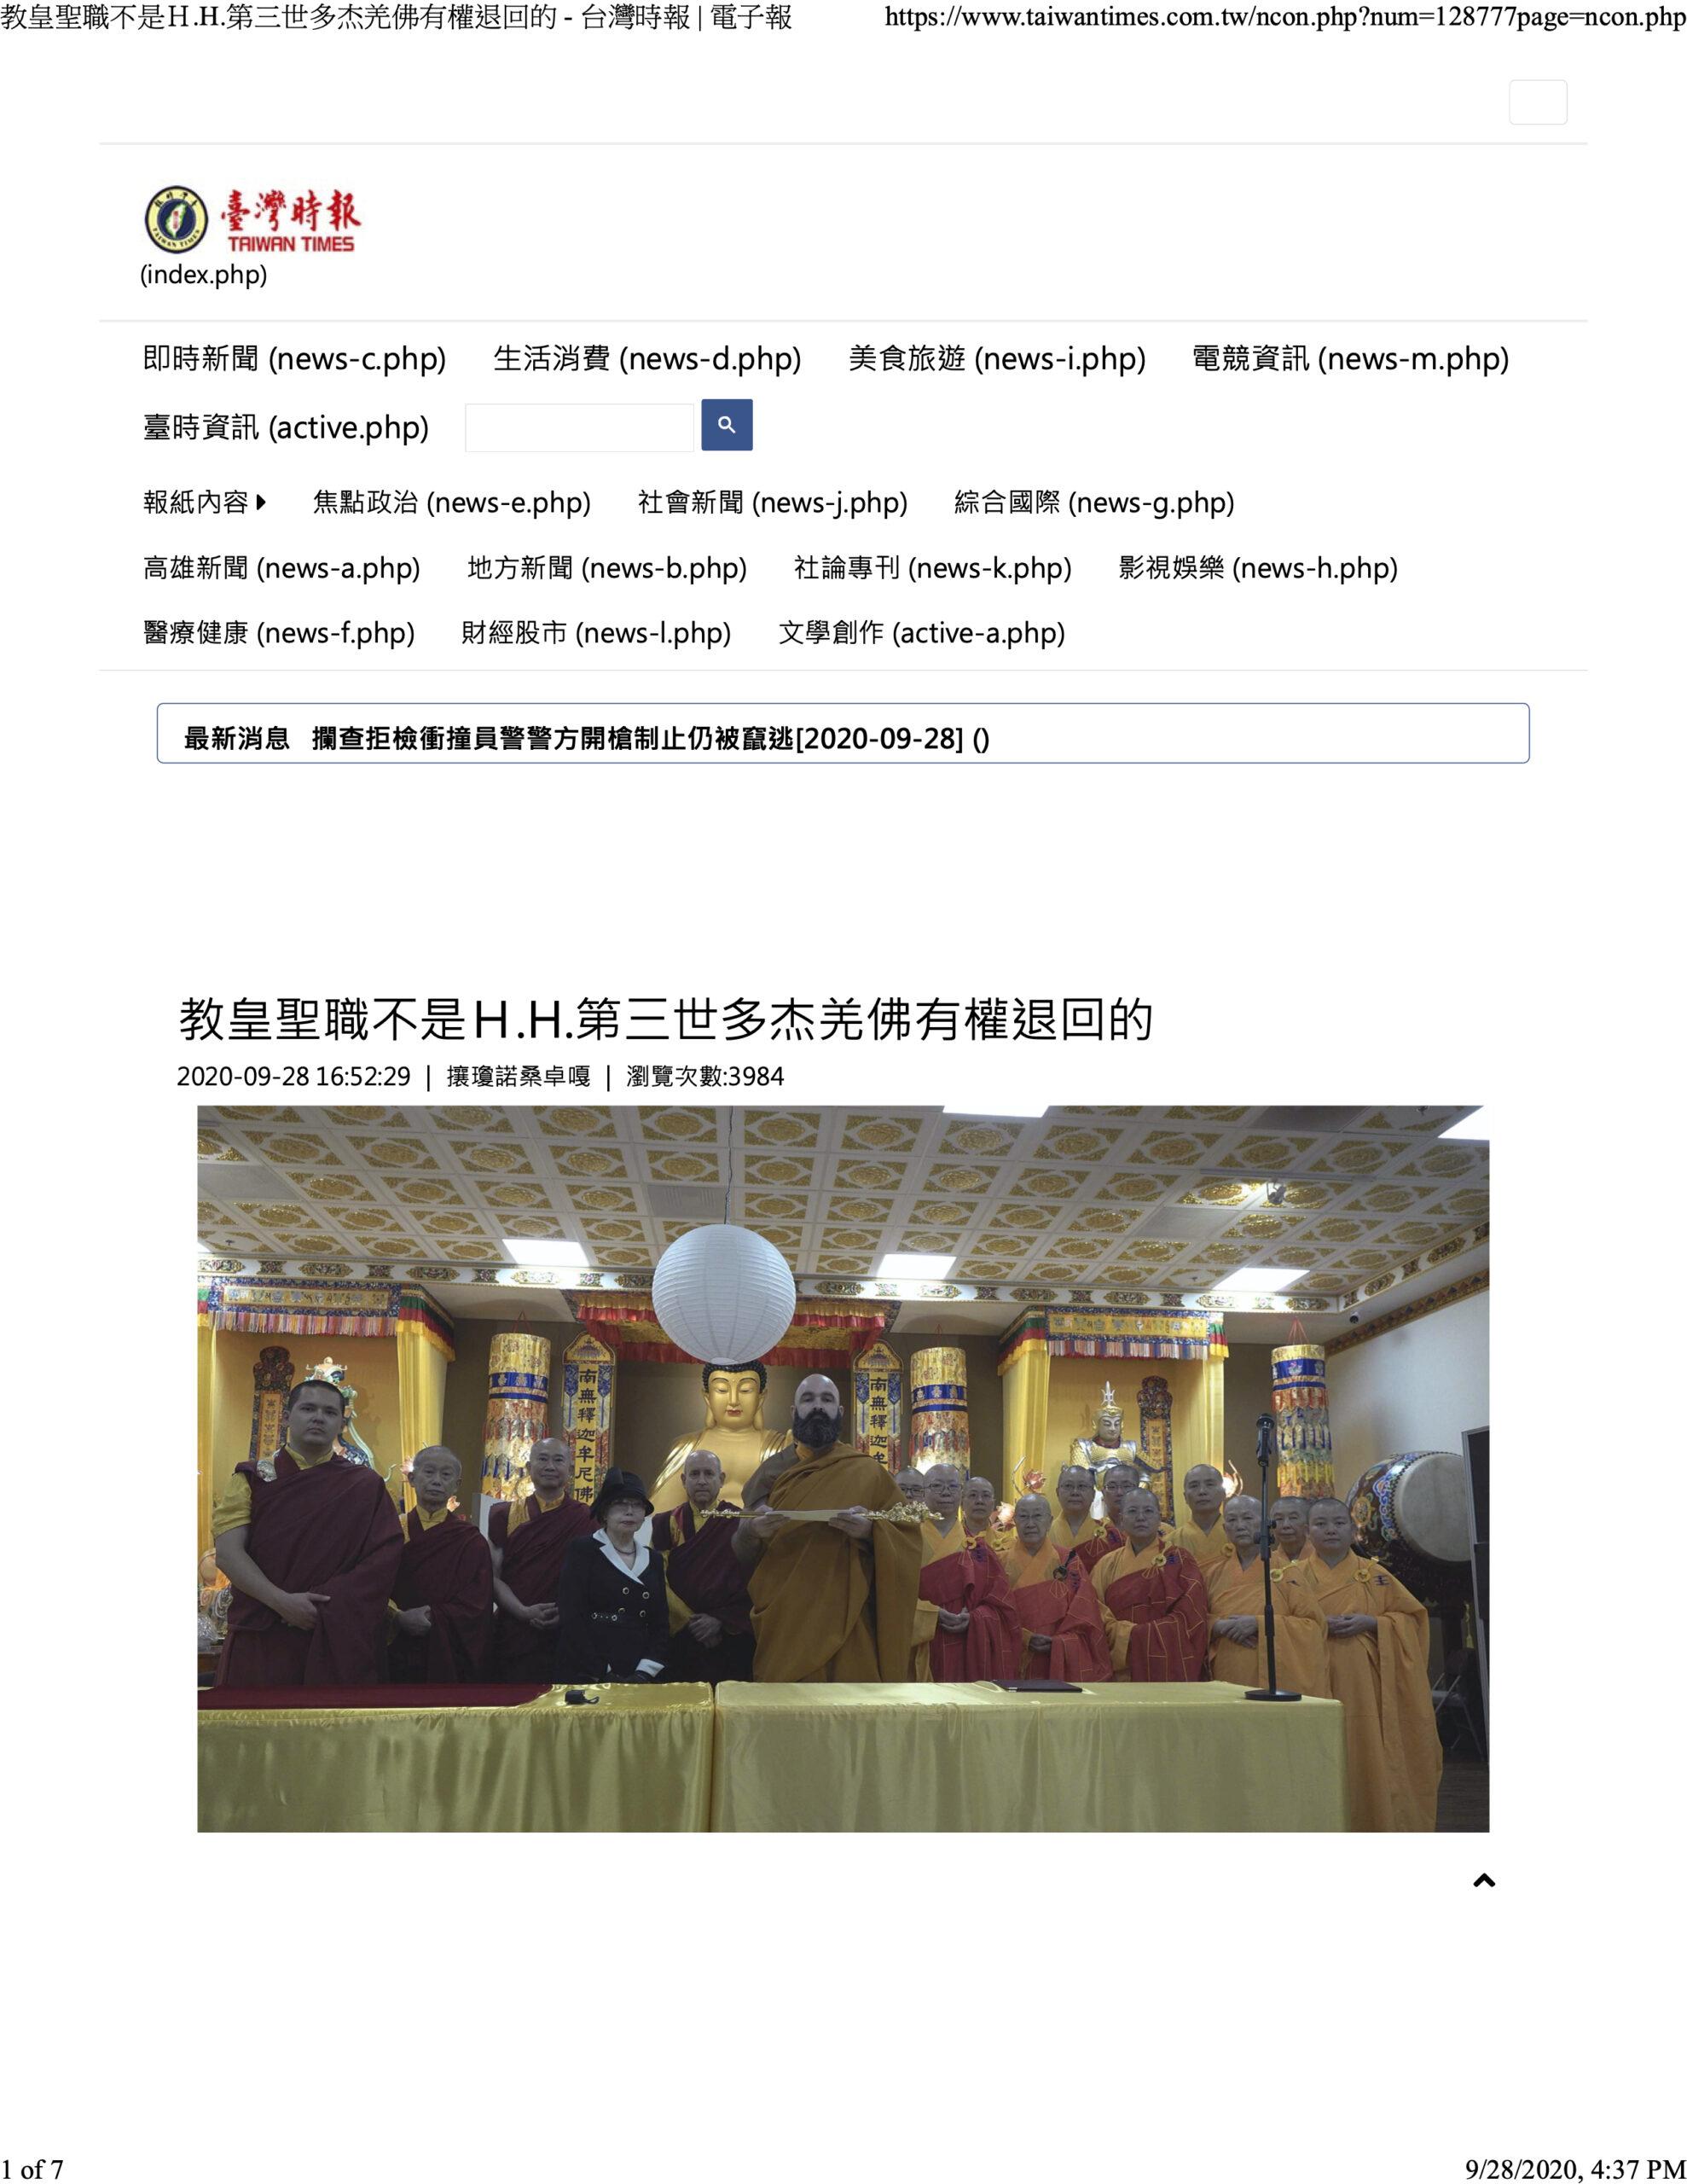 2-1 台灣時報電子報_教皇聖職不是H.H.第三世多杰羌佛有權退回的_9-28-2020